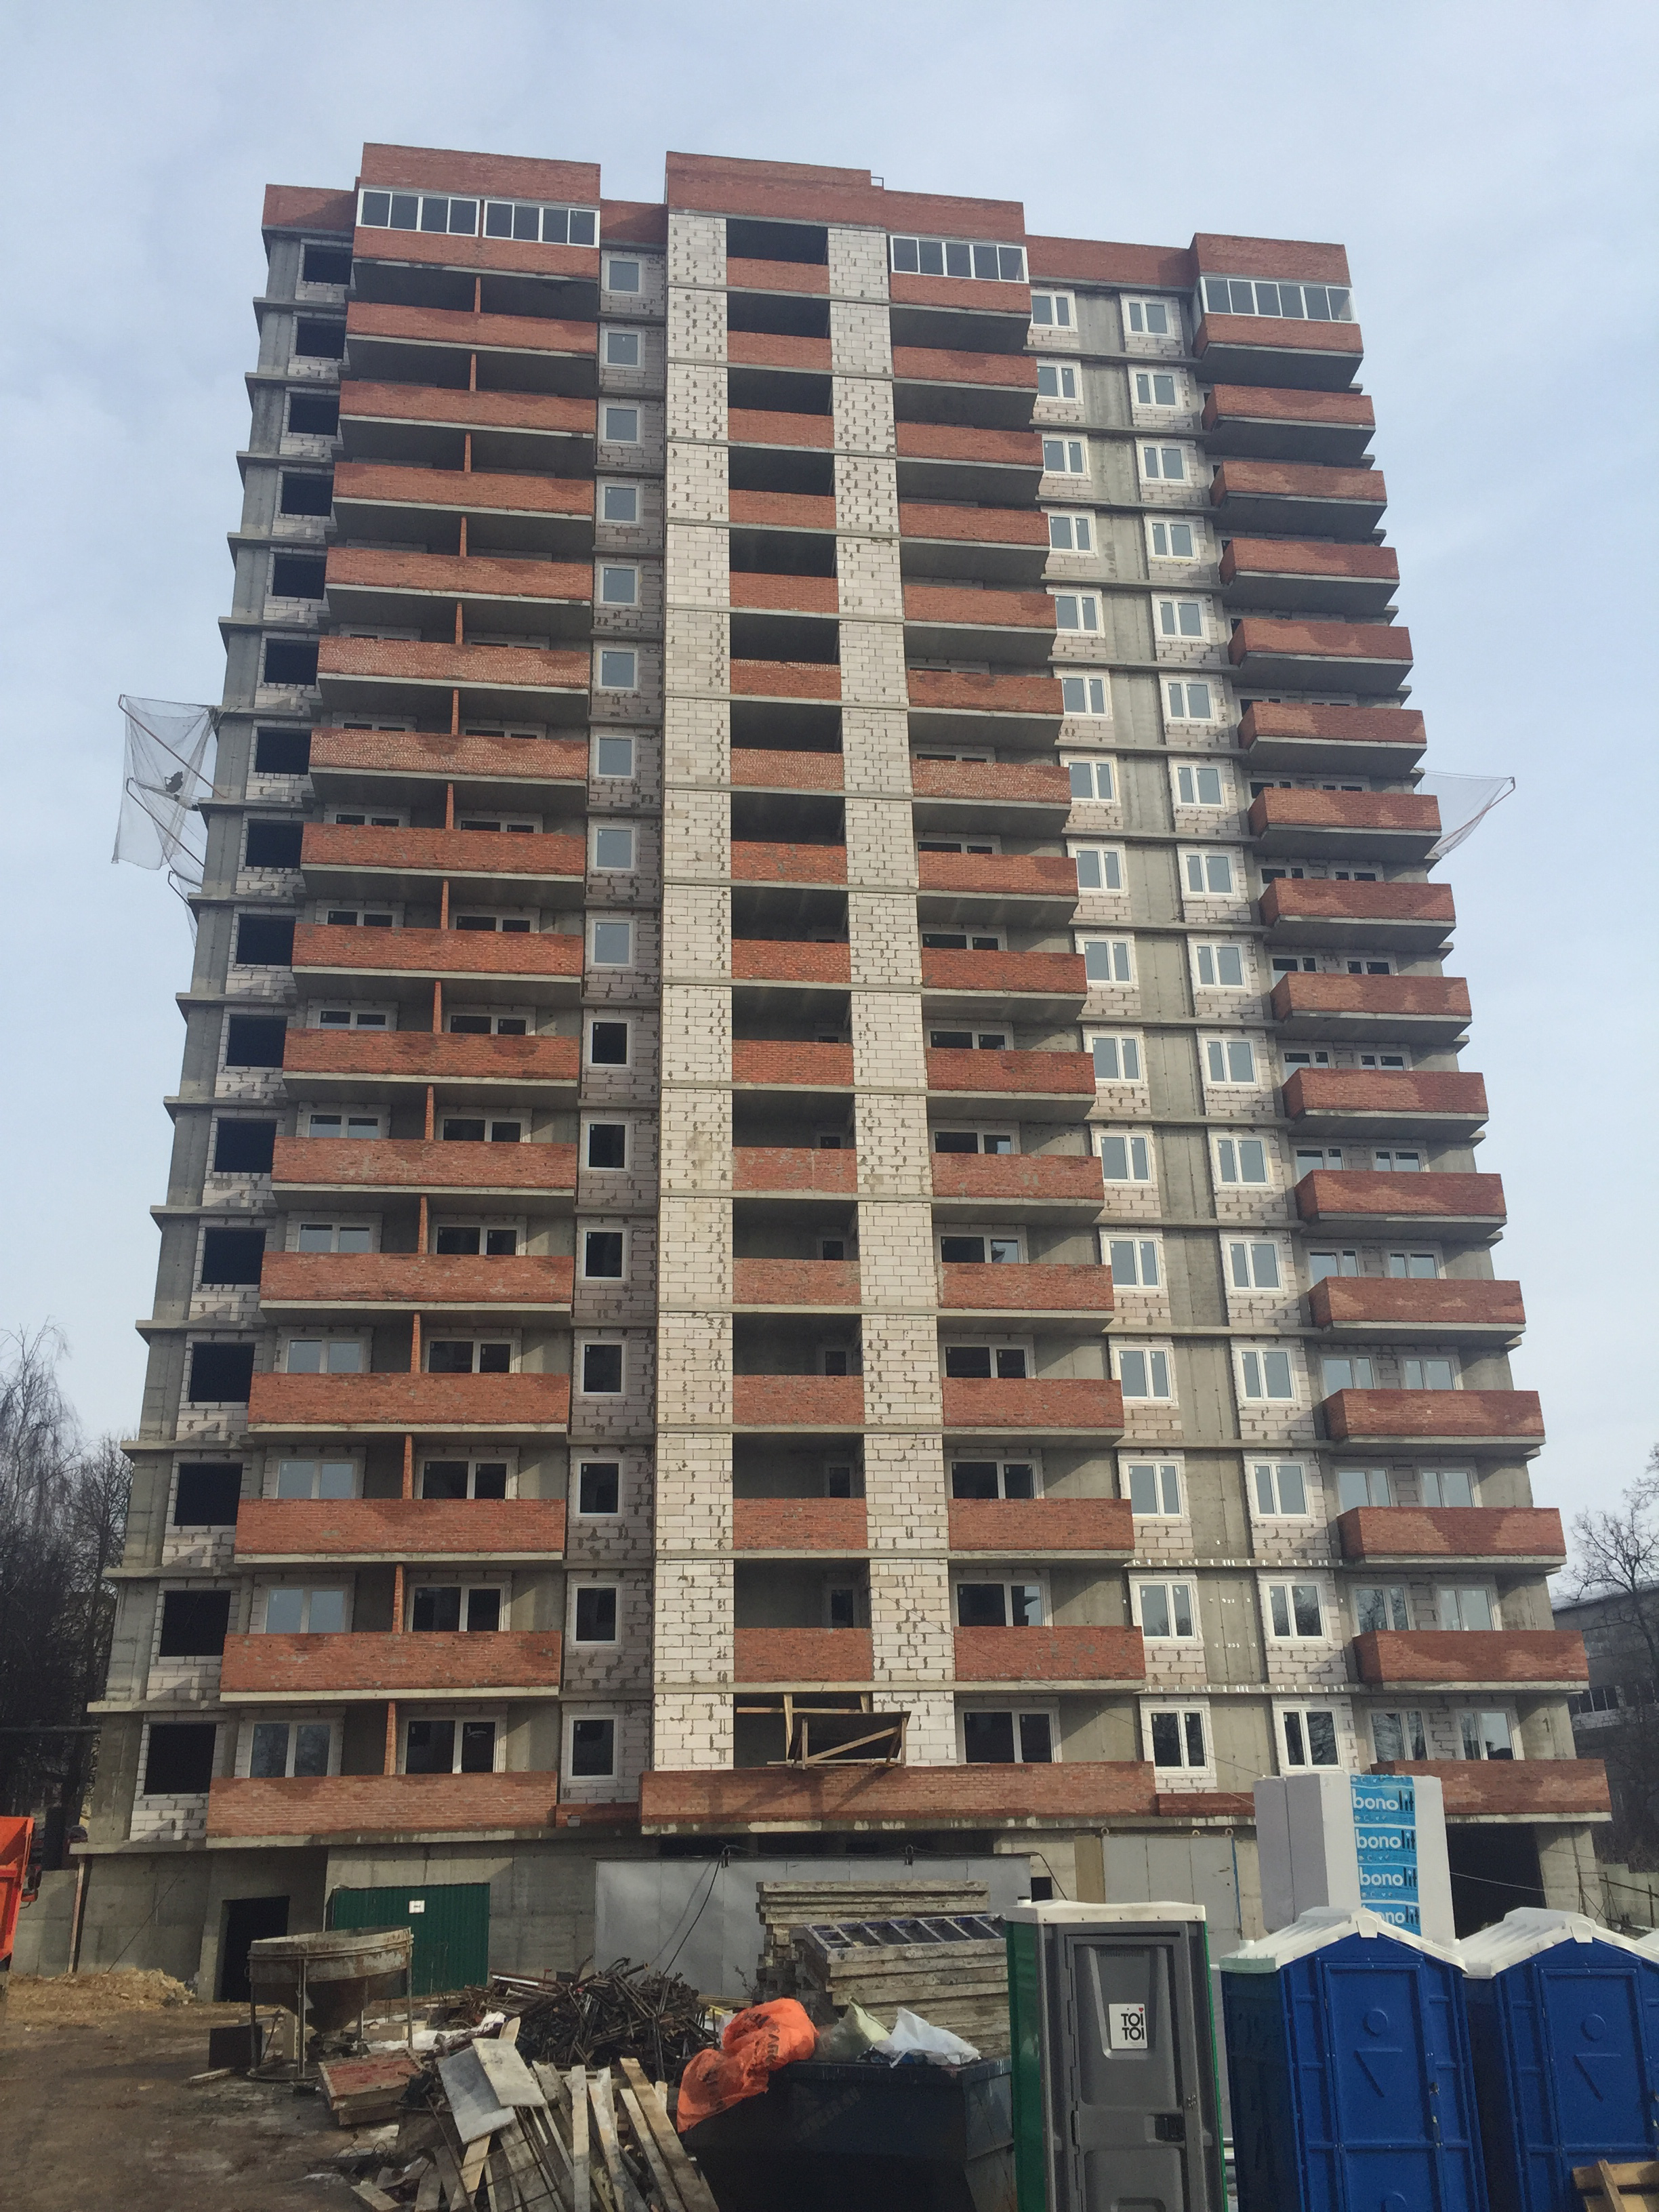 Остекление балконов на уровне 16 этажа.